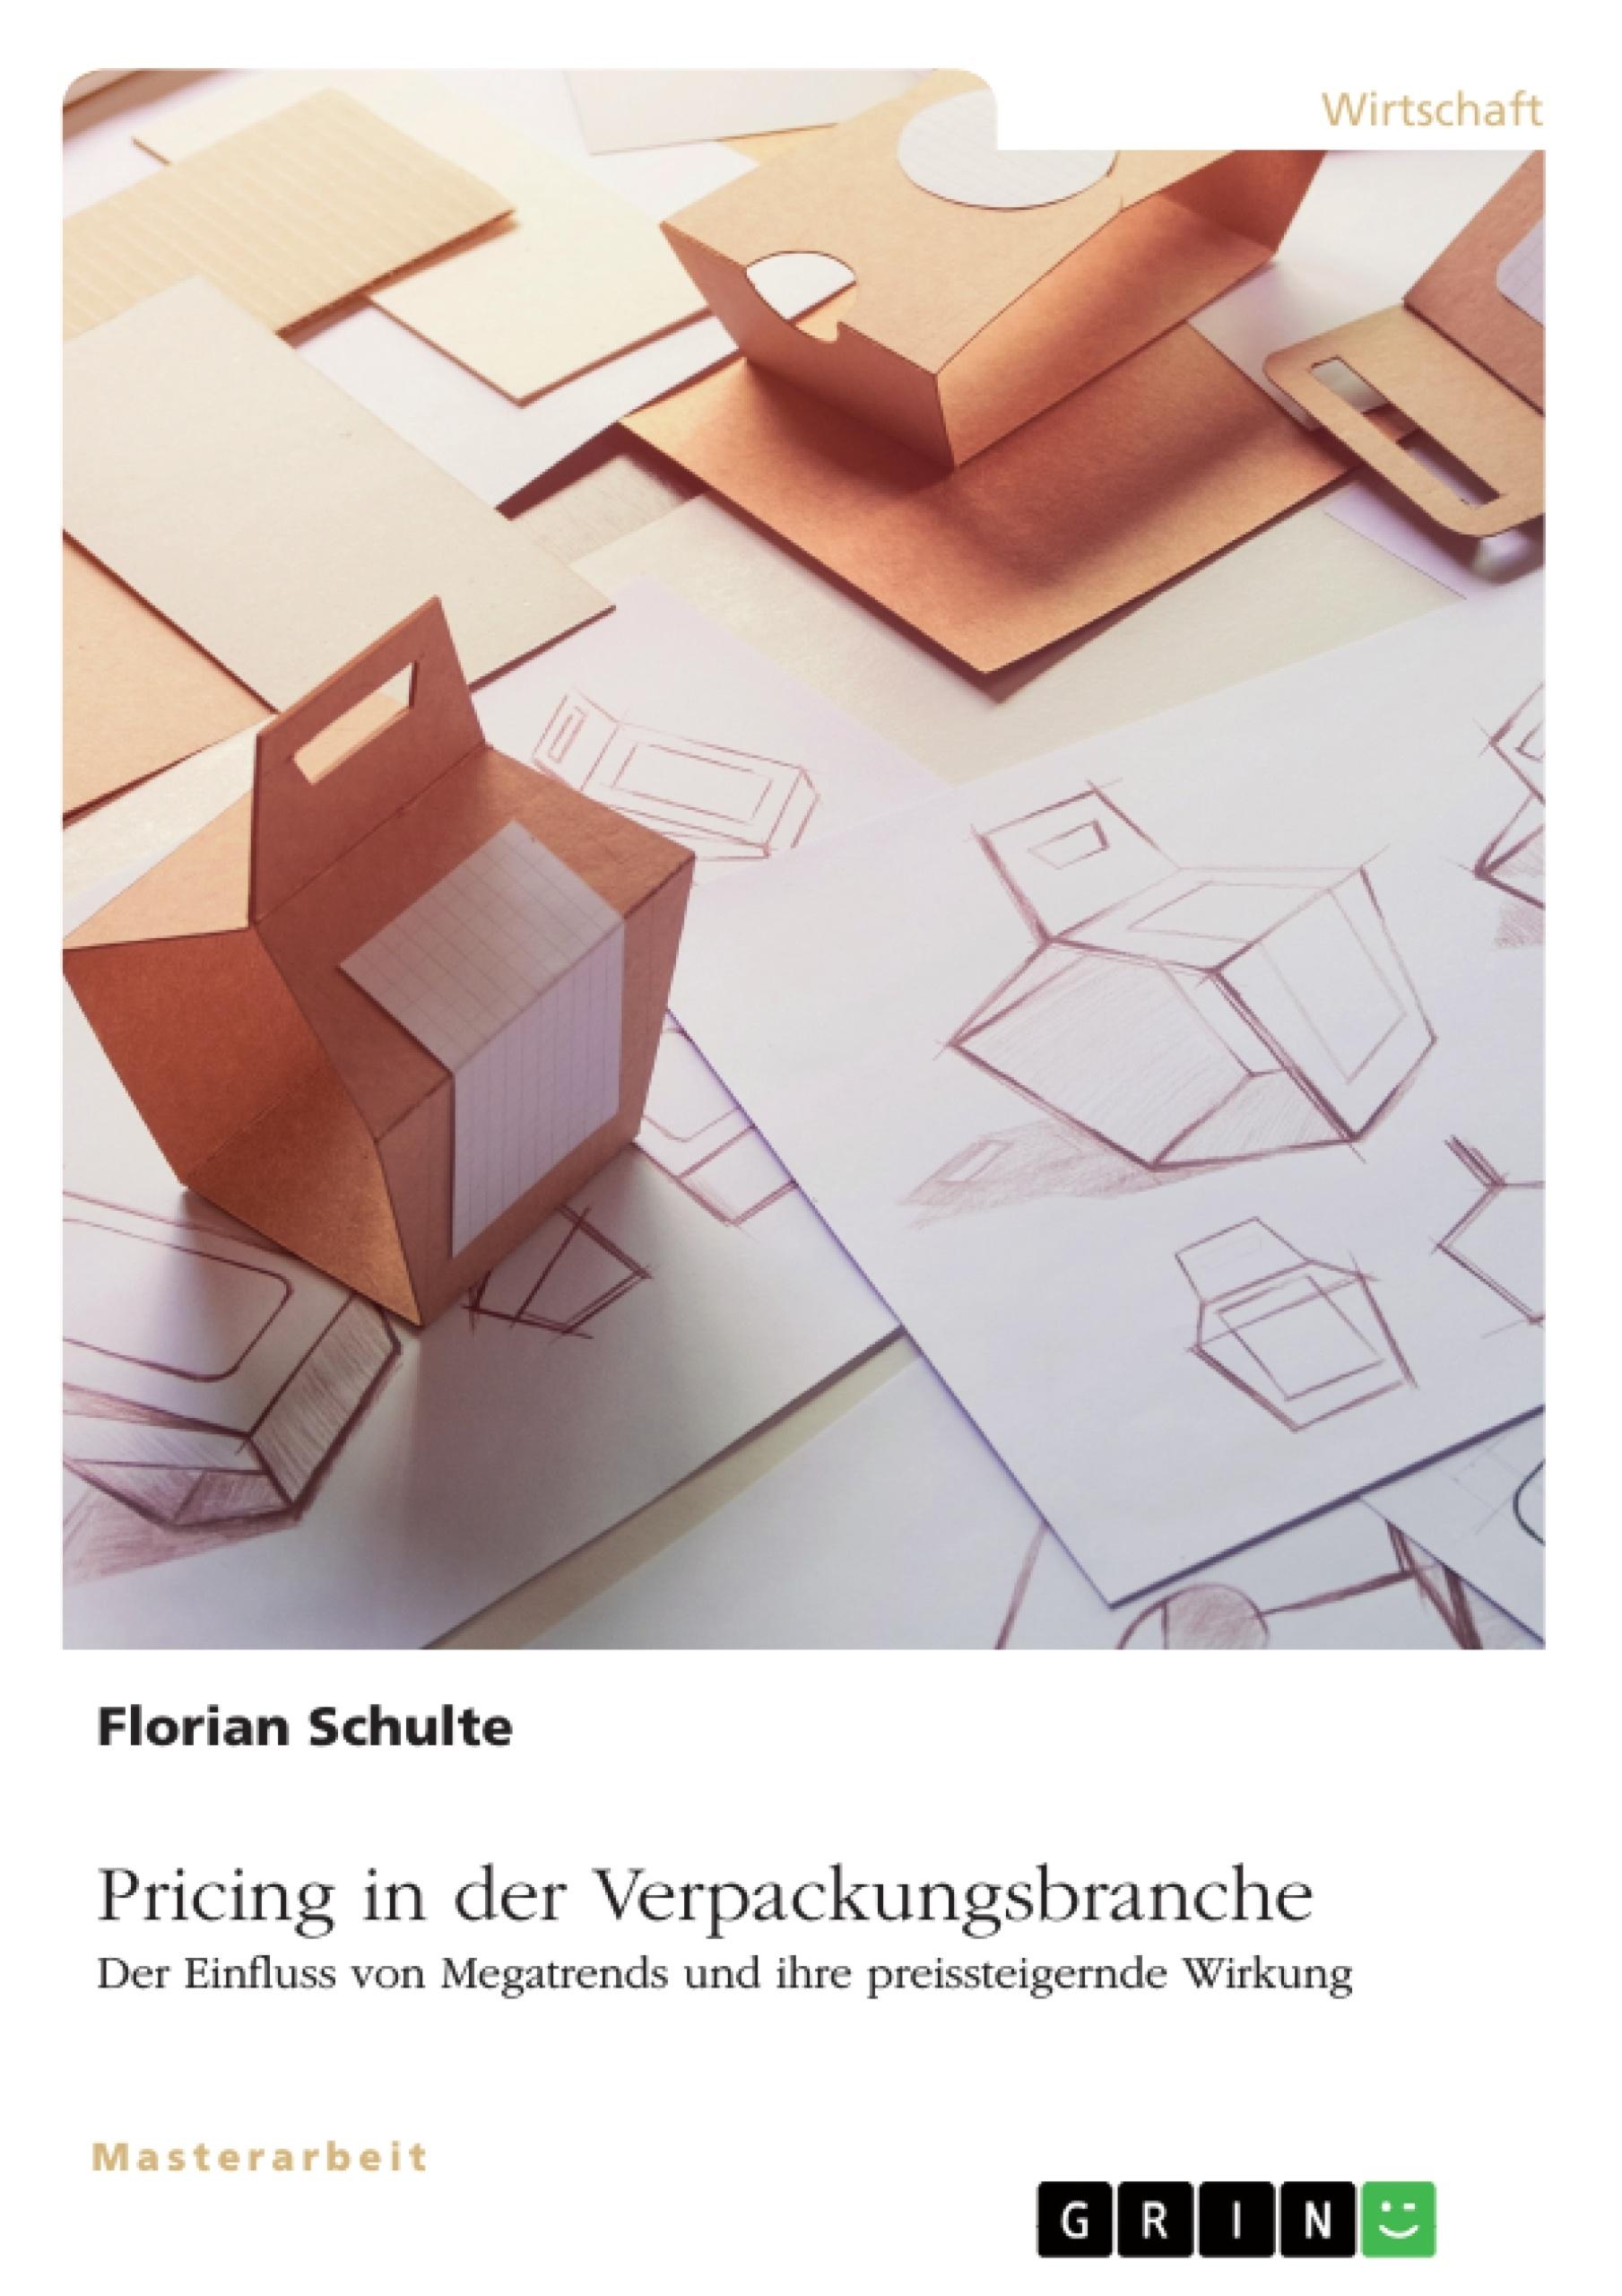 Titel: Pricing in der Verpackungsbranche. Der Einfluss von Megatrends und ihre preissteigernde Wirkung